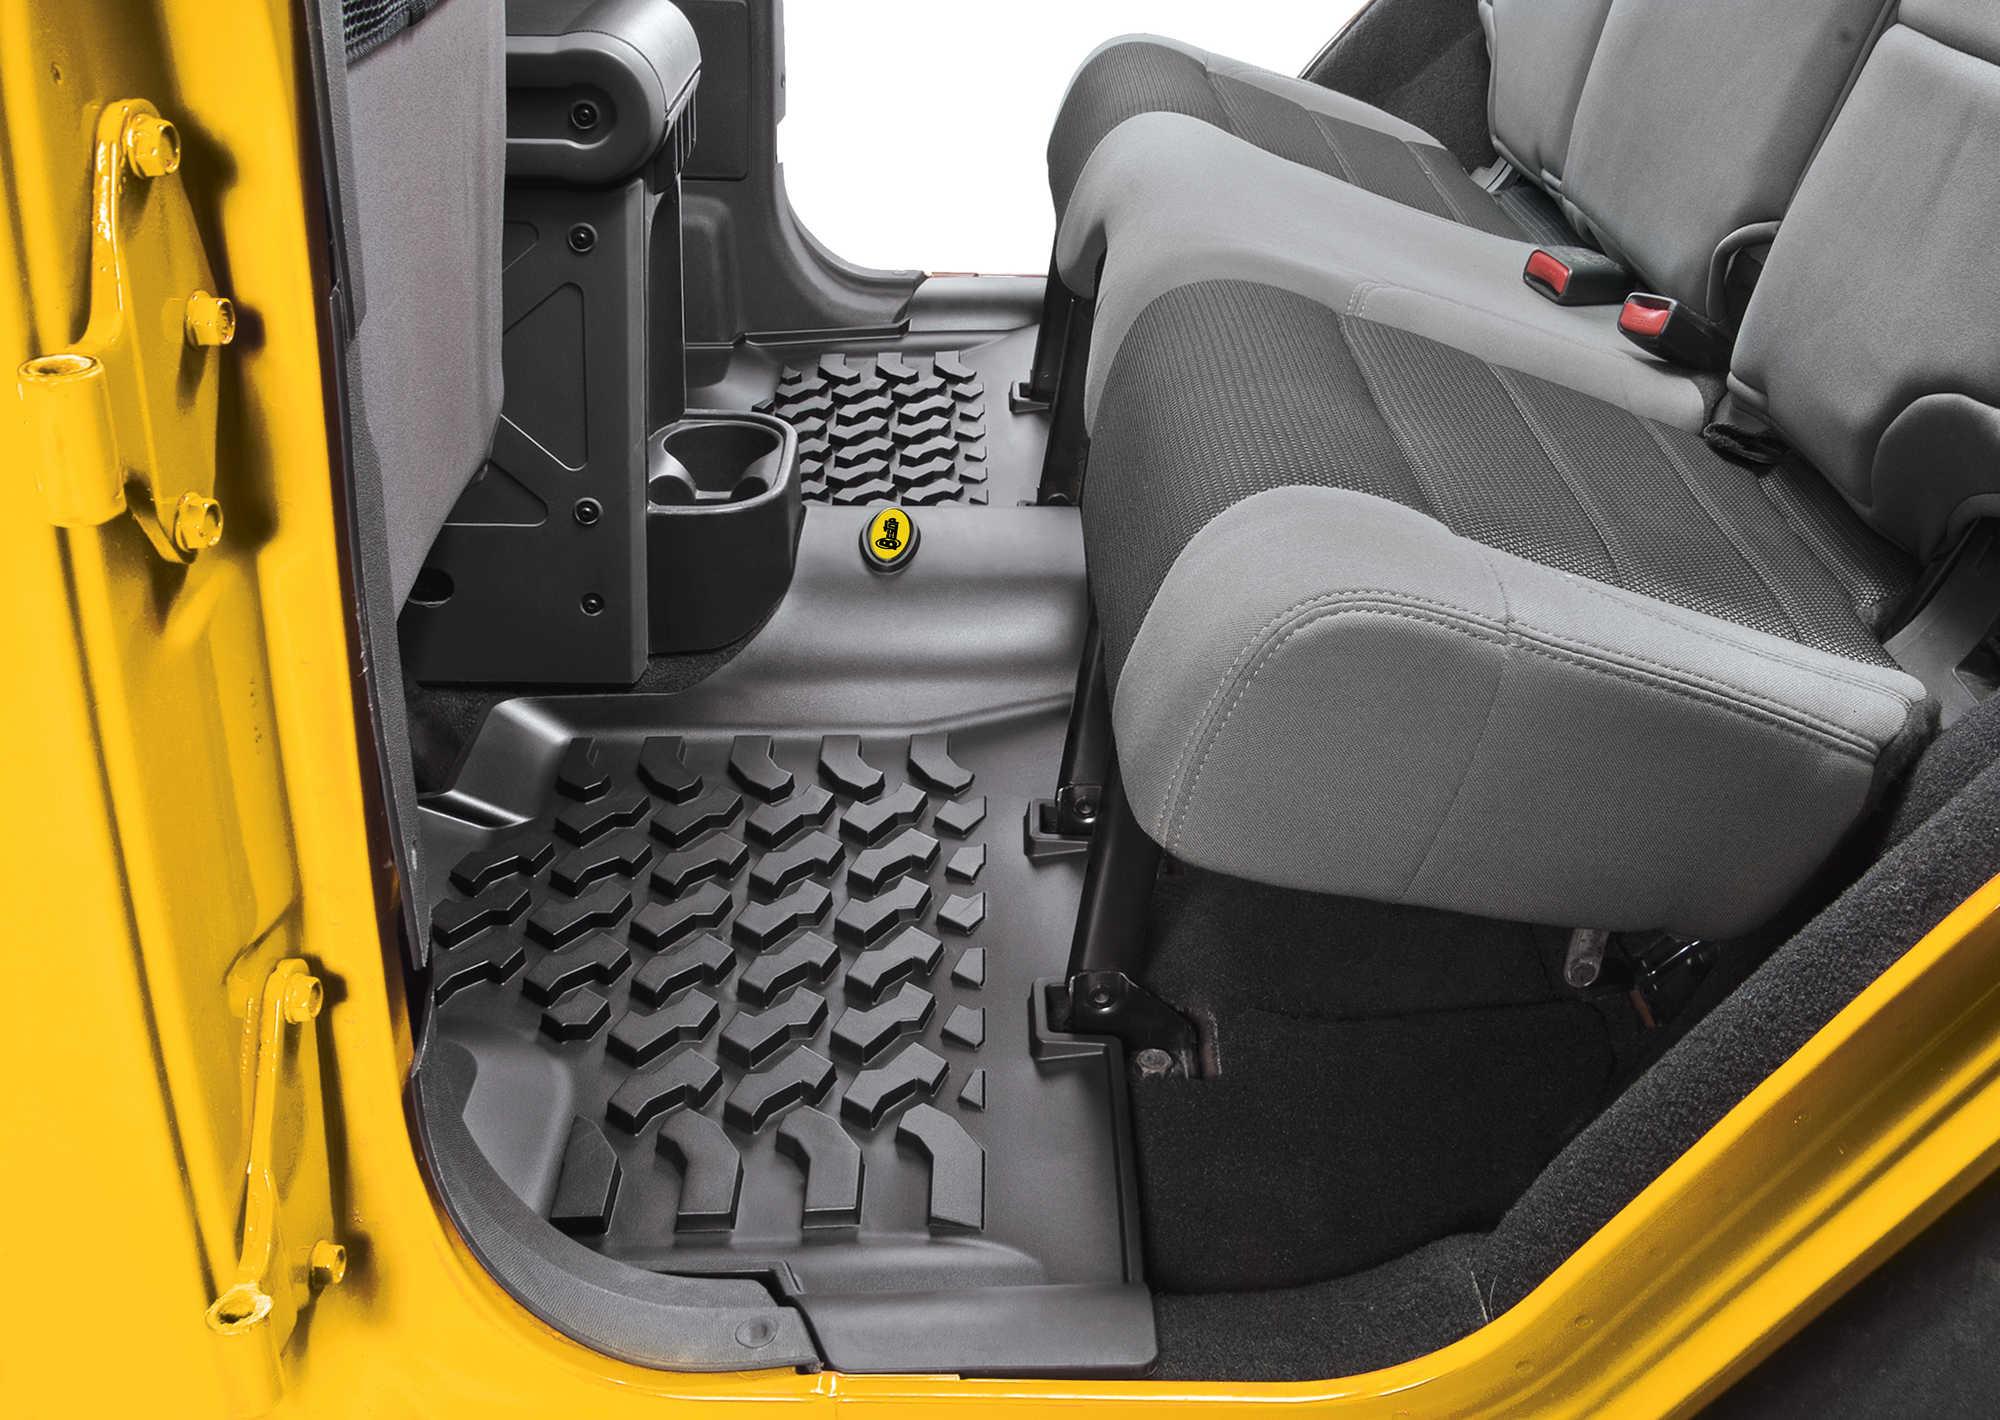 Bestop 174 Front Amp Rear Floor Liners For 07 16 Jeep 174 Wrangler